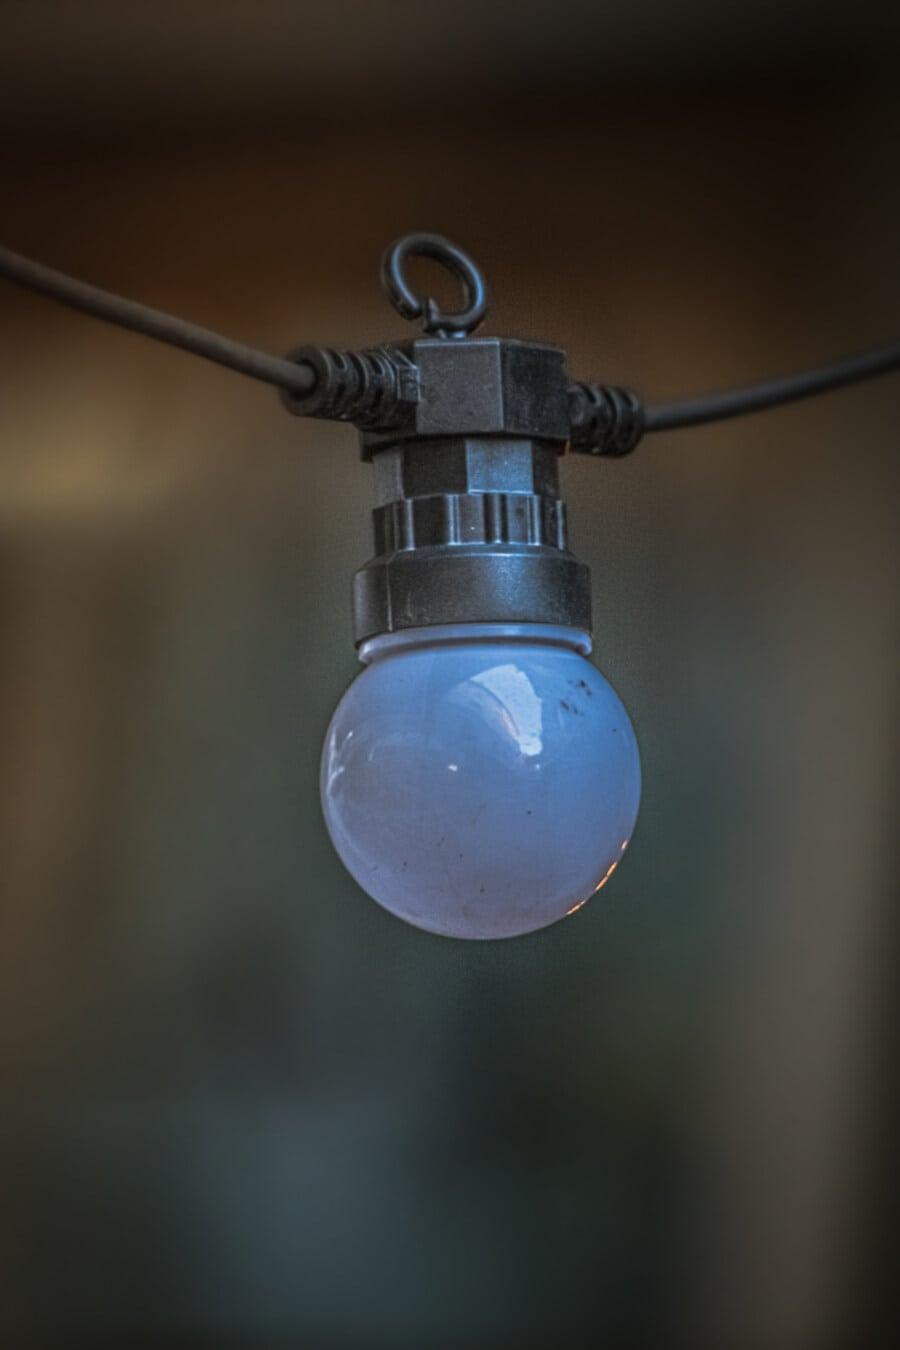 bec, moderne, alb, negru, sârmă, cablu, energie electrică, lampa, bec, iluminate